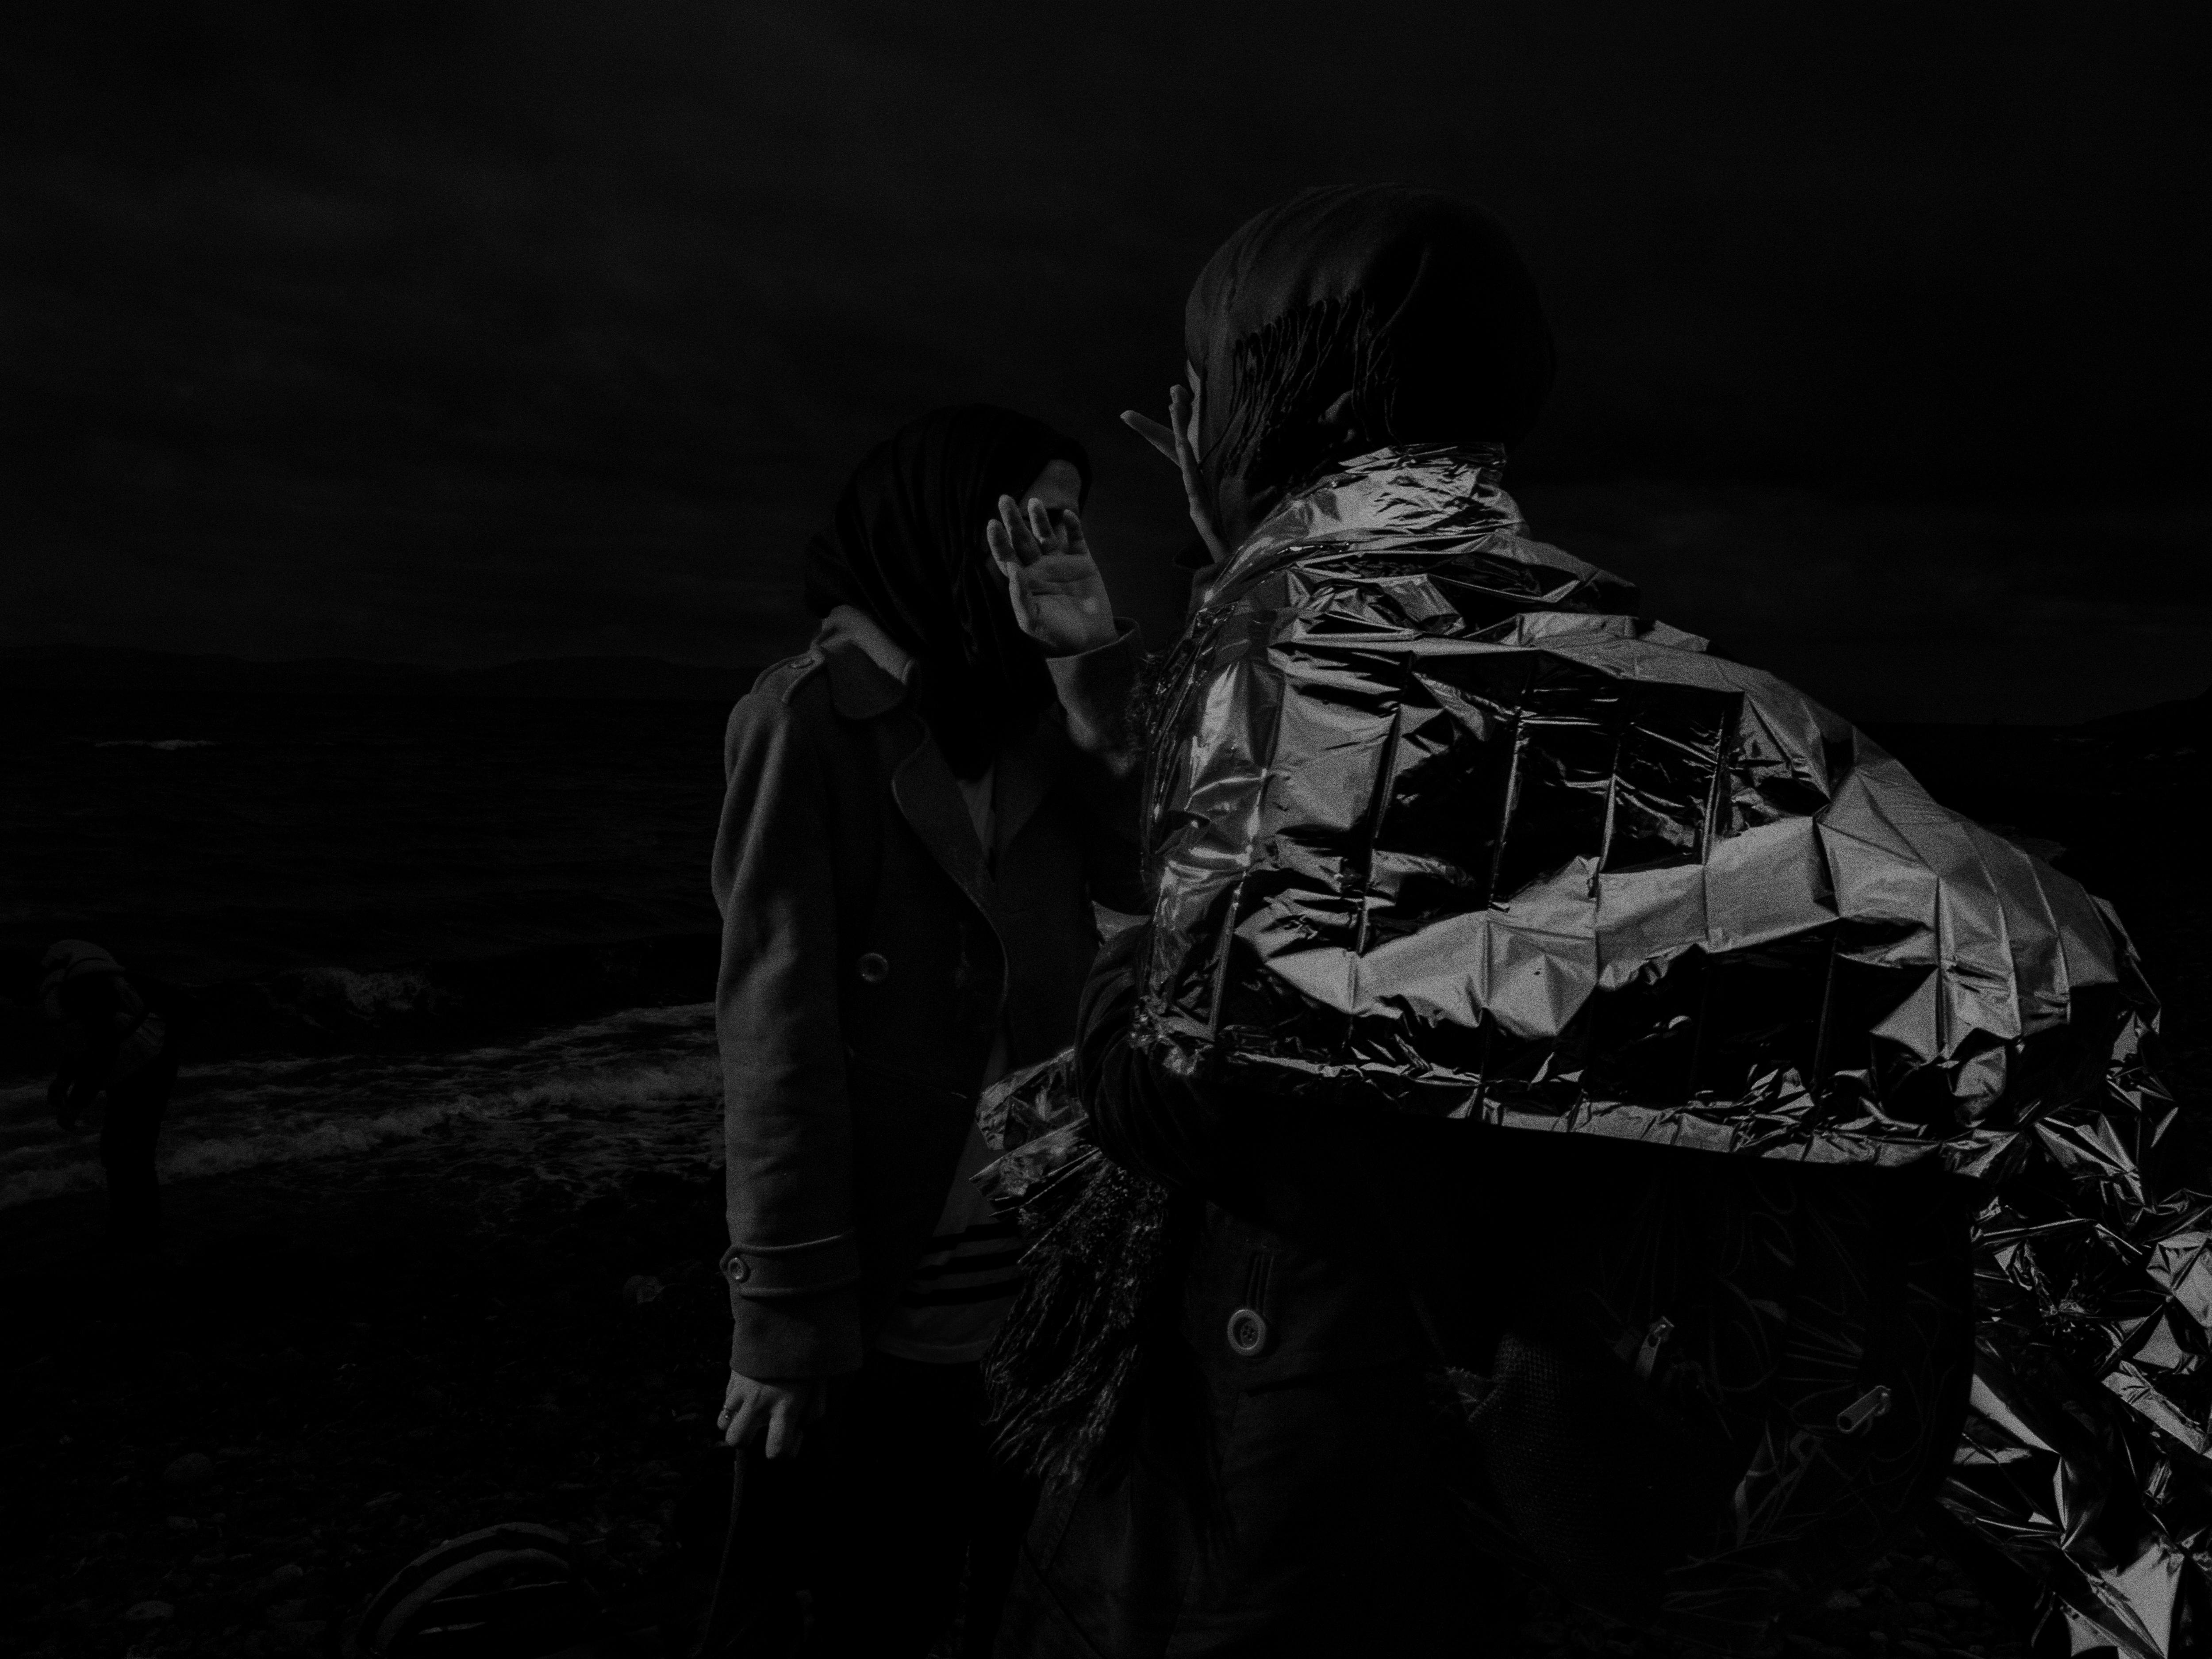 Alex Majoli, Grèce, Lesbos, 2015, Scene #0302 © Alex Majoli / Magnum Photos Des réfugiés et des migrants de Syrie, d'Afghanistan, du Pakistan, de Somalie débarquent à Lesbos, depuis les côtes turques.